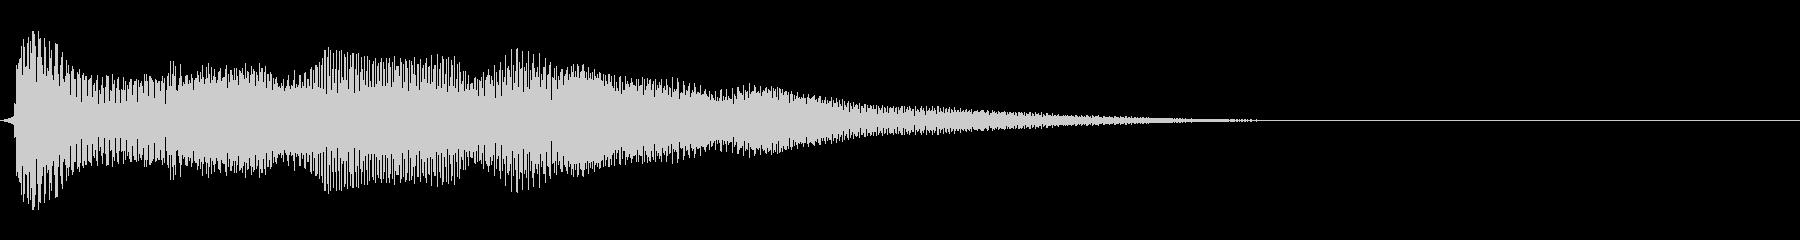 強化されたプラクテッドシンセアクセント6の未再生の波形